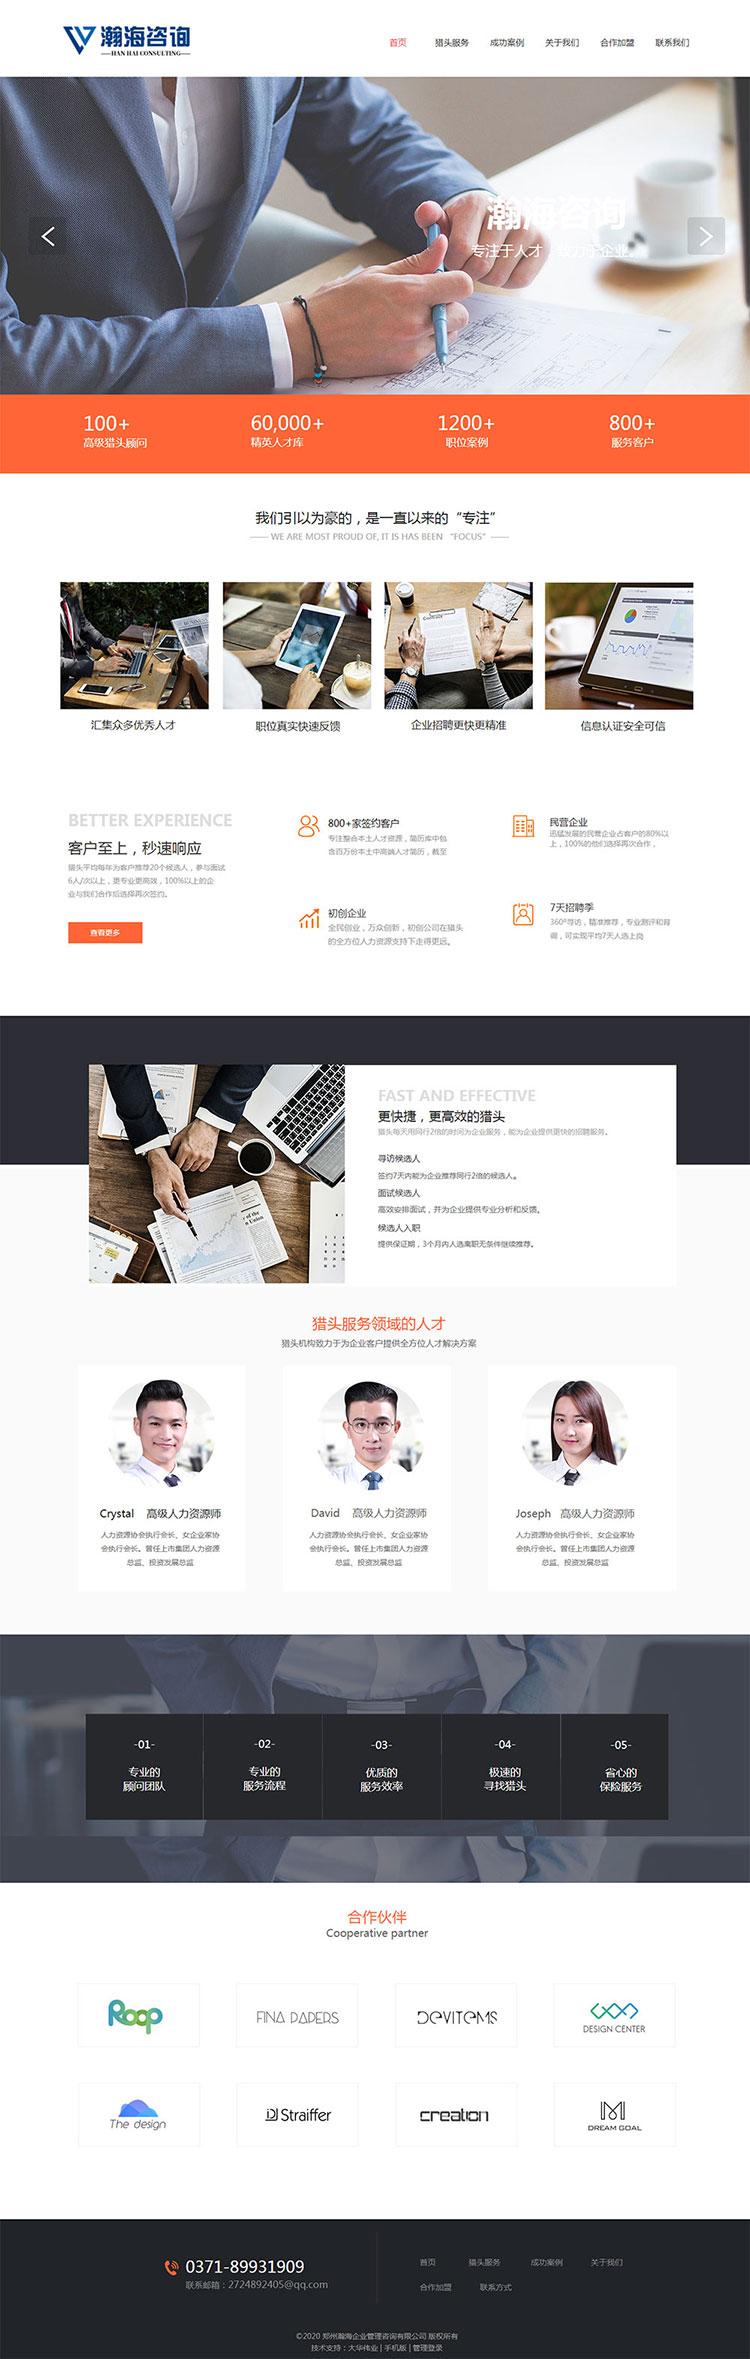 郑州瀚海企业管理咨询有限公司cn内.jpg